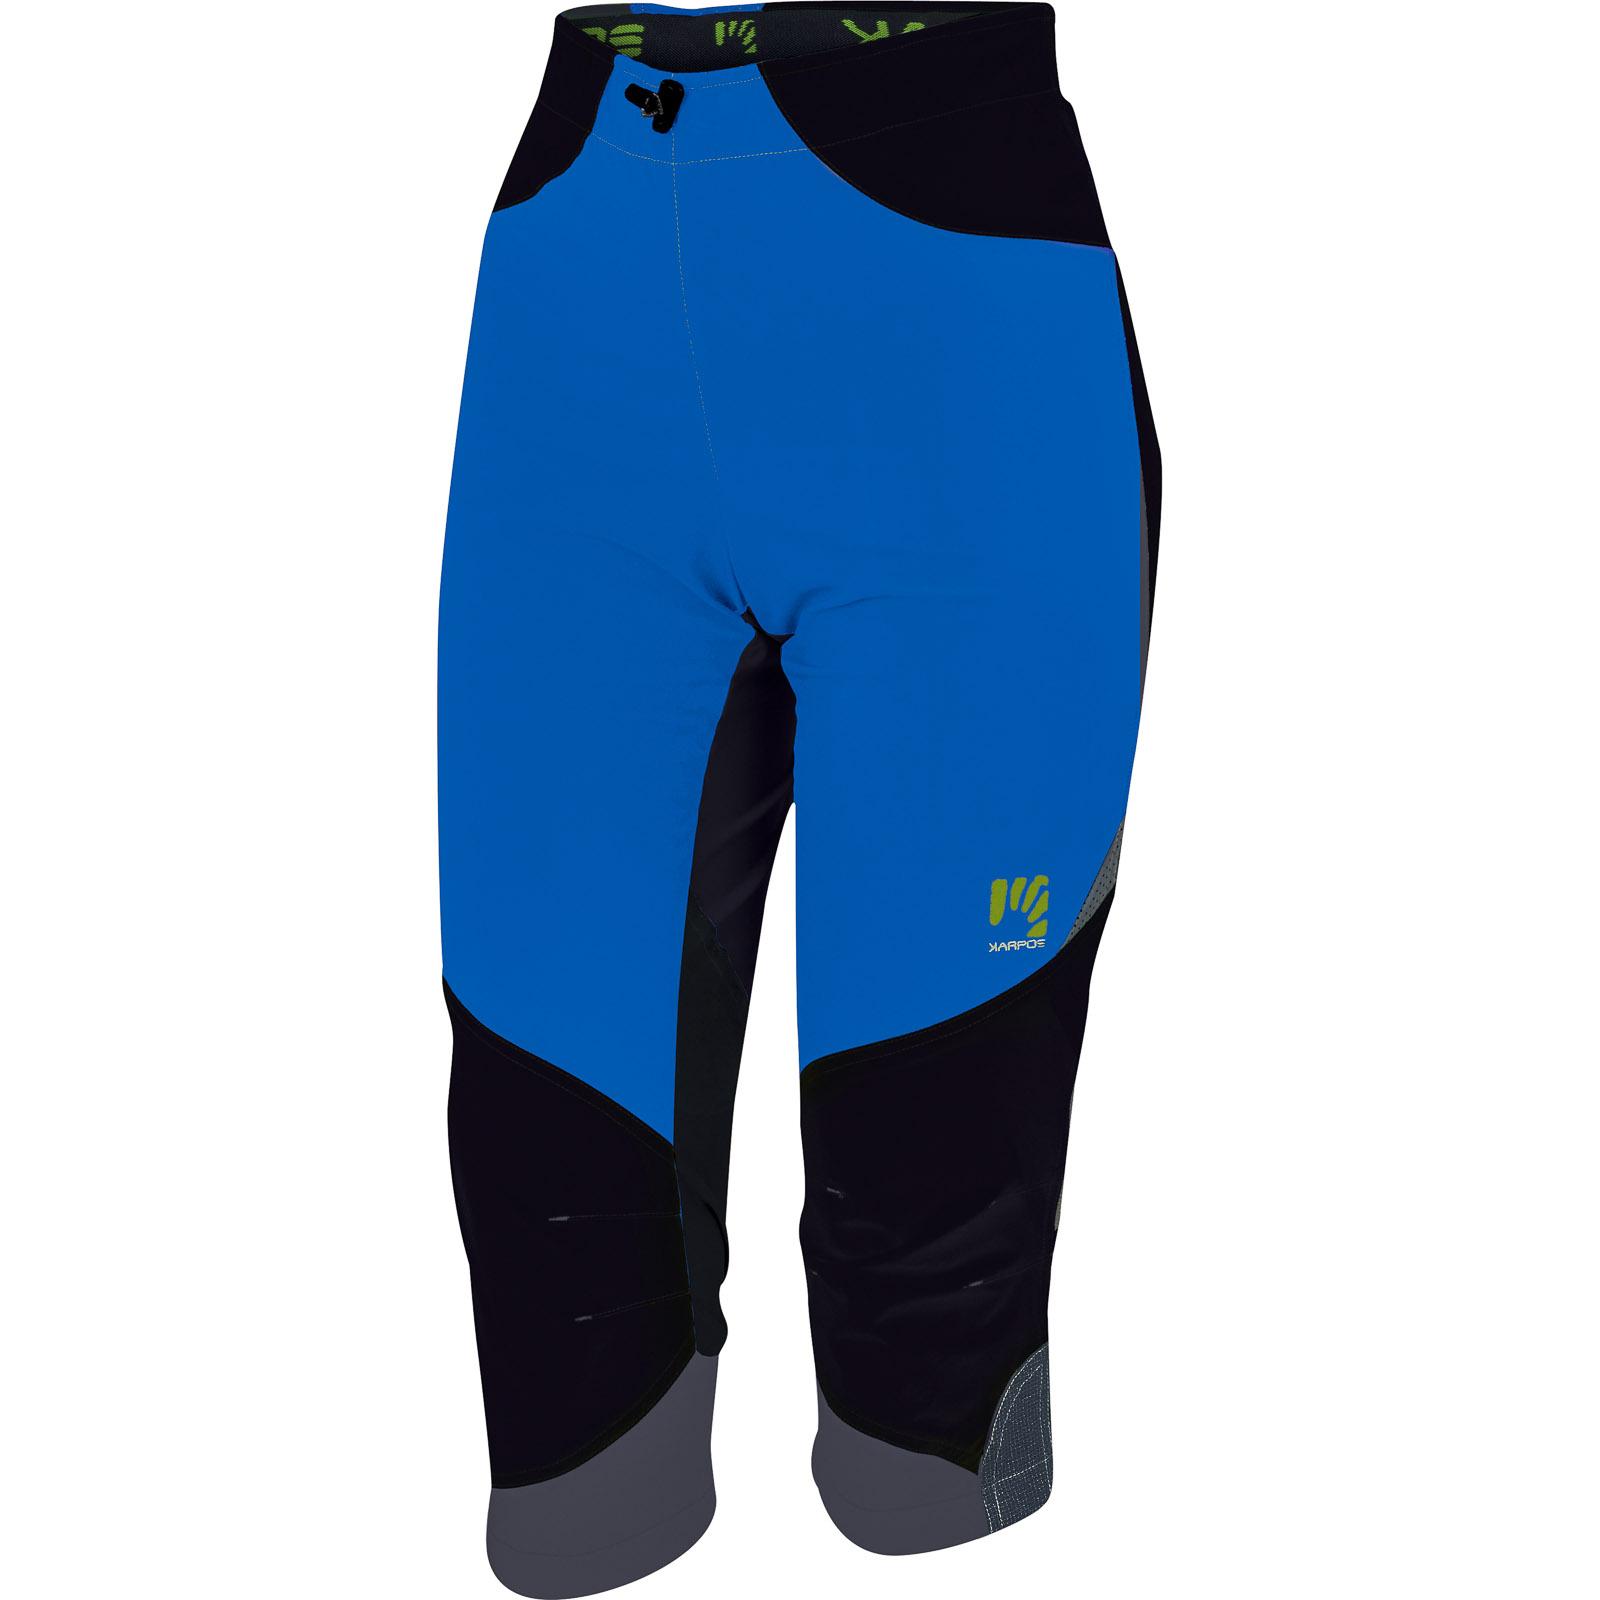 6961f7540a5d Dámske 3 4 outdoor nohavice Cliff modré čierne